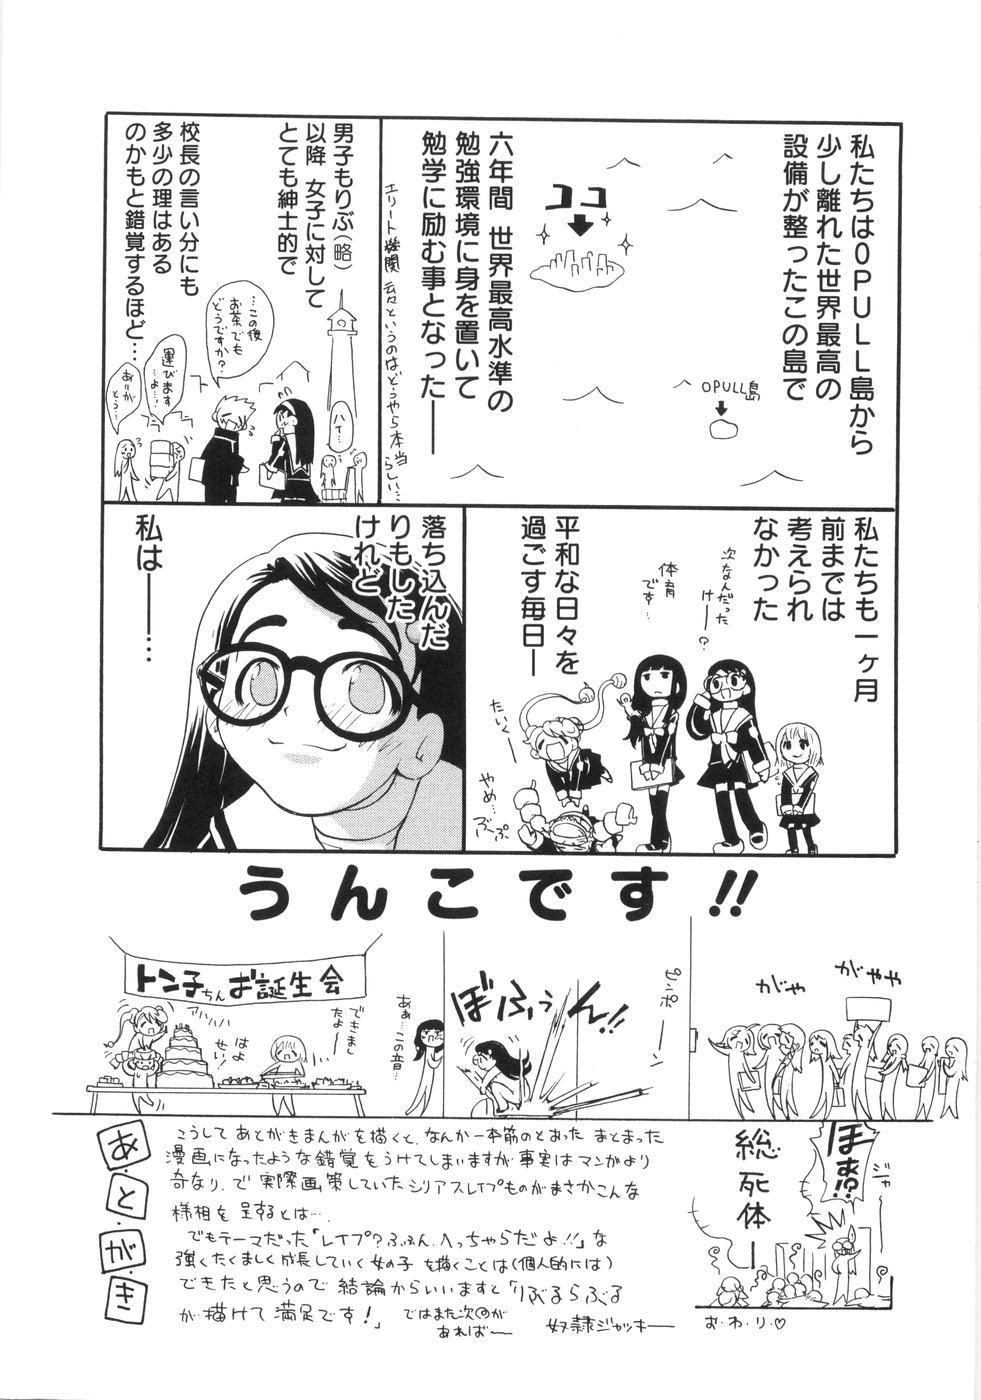 0 PULL TOWN Gakuen e Youkoso! 193